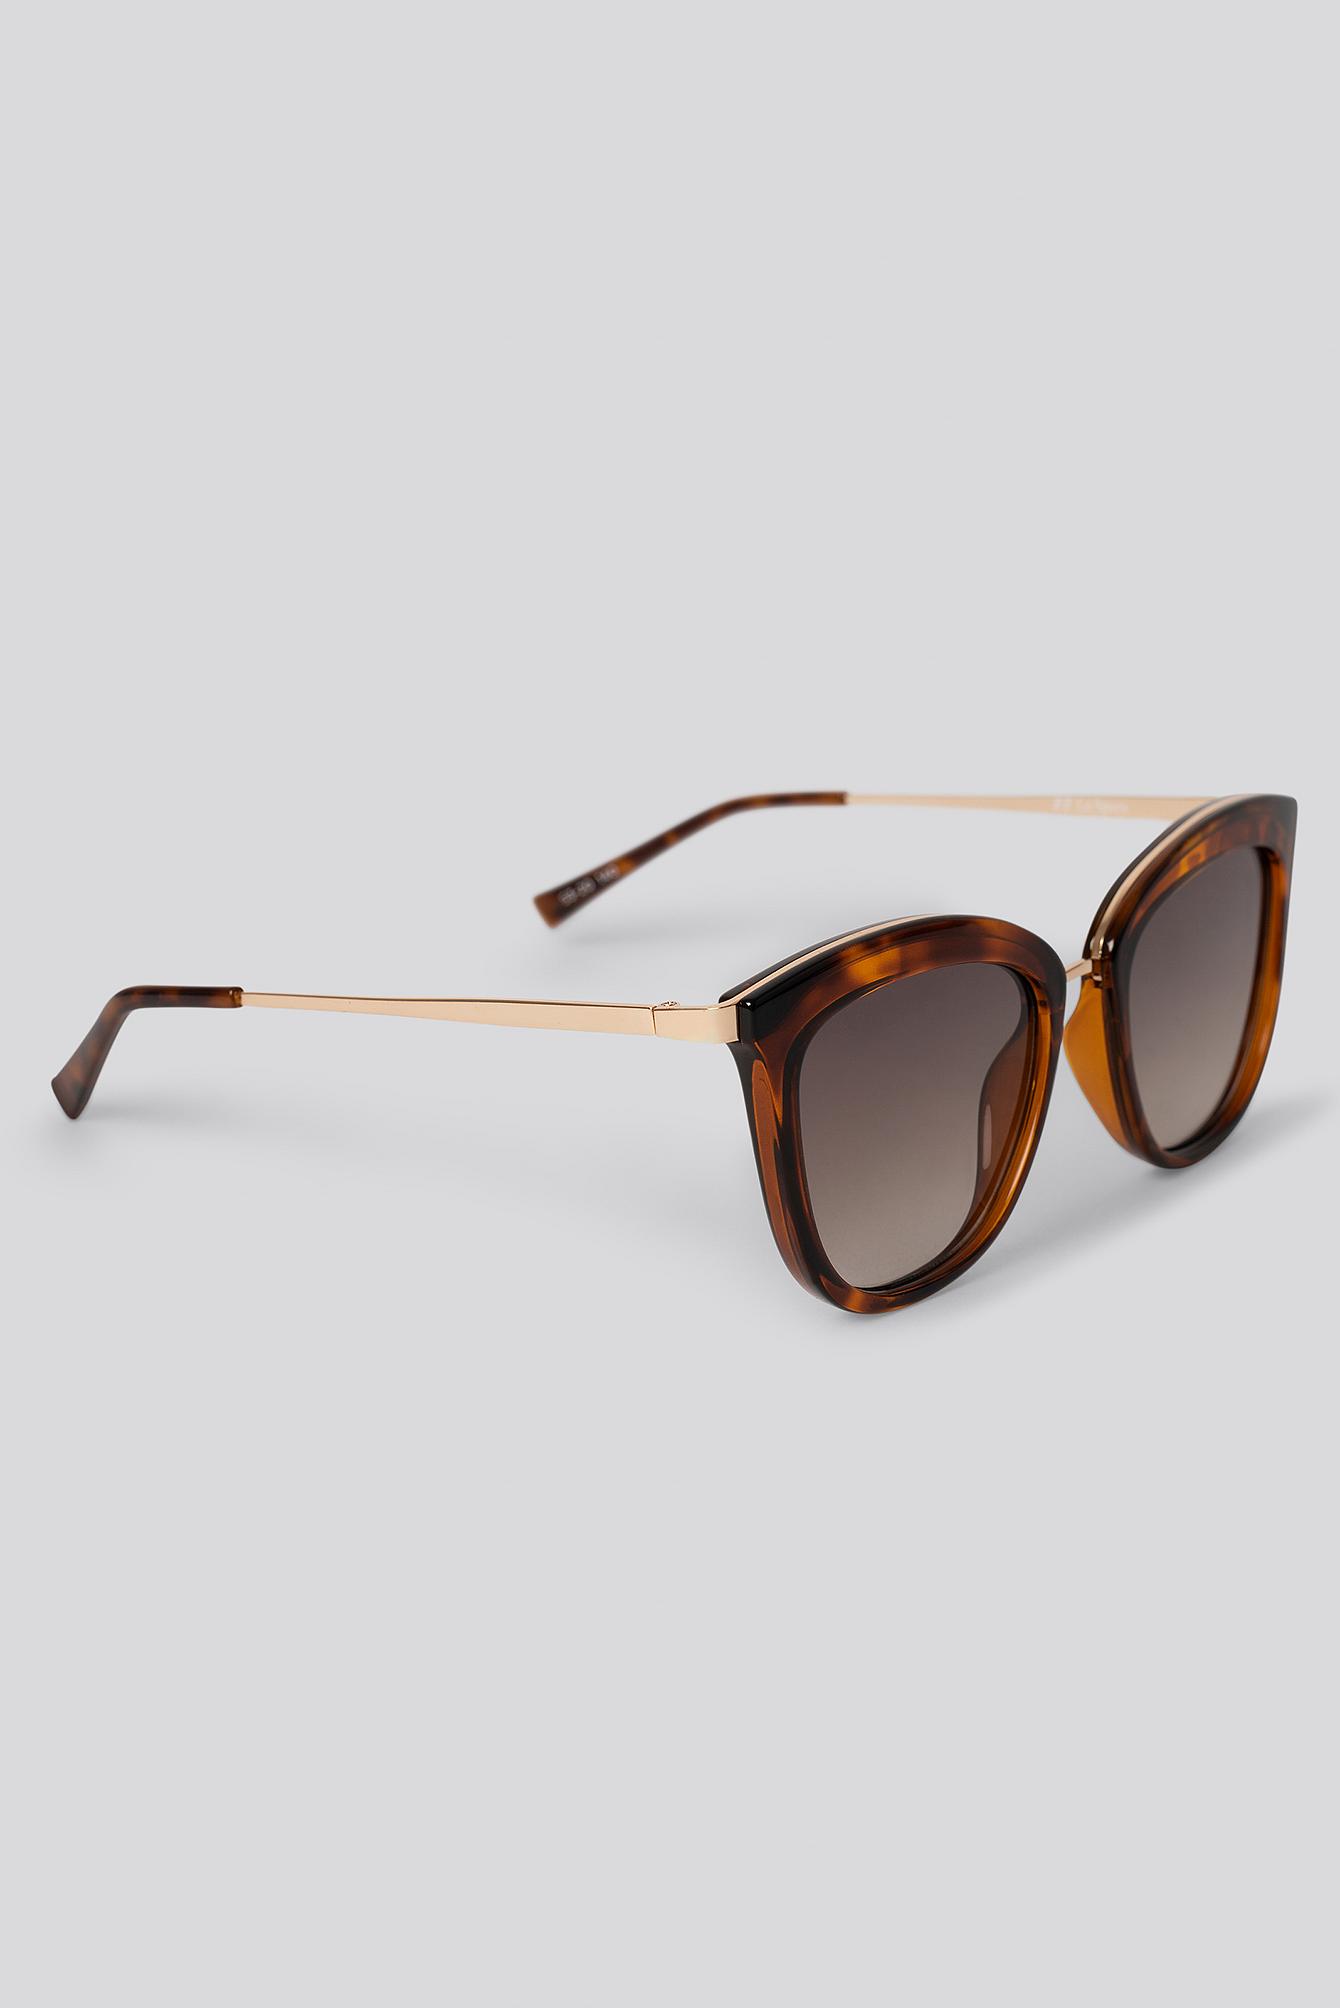 le specs -  Caliente - Brown